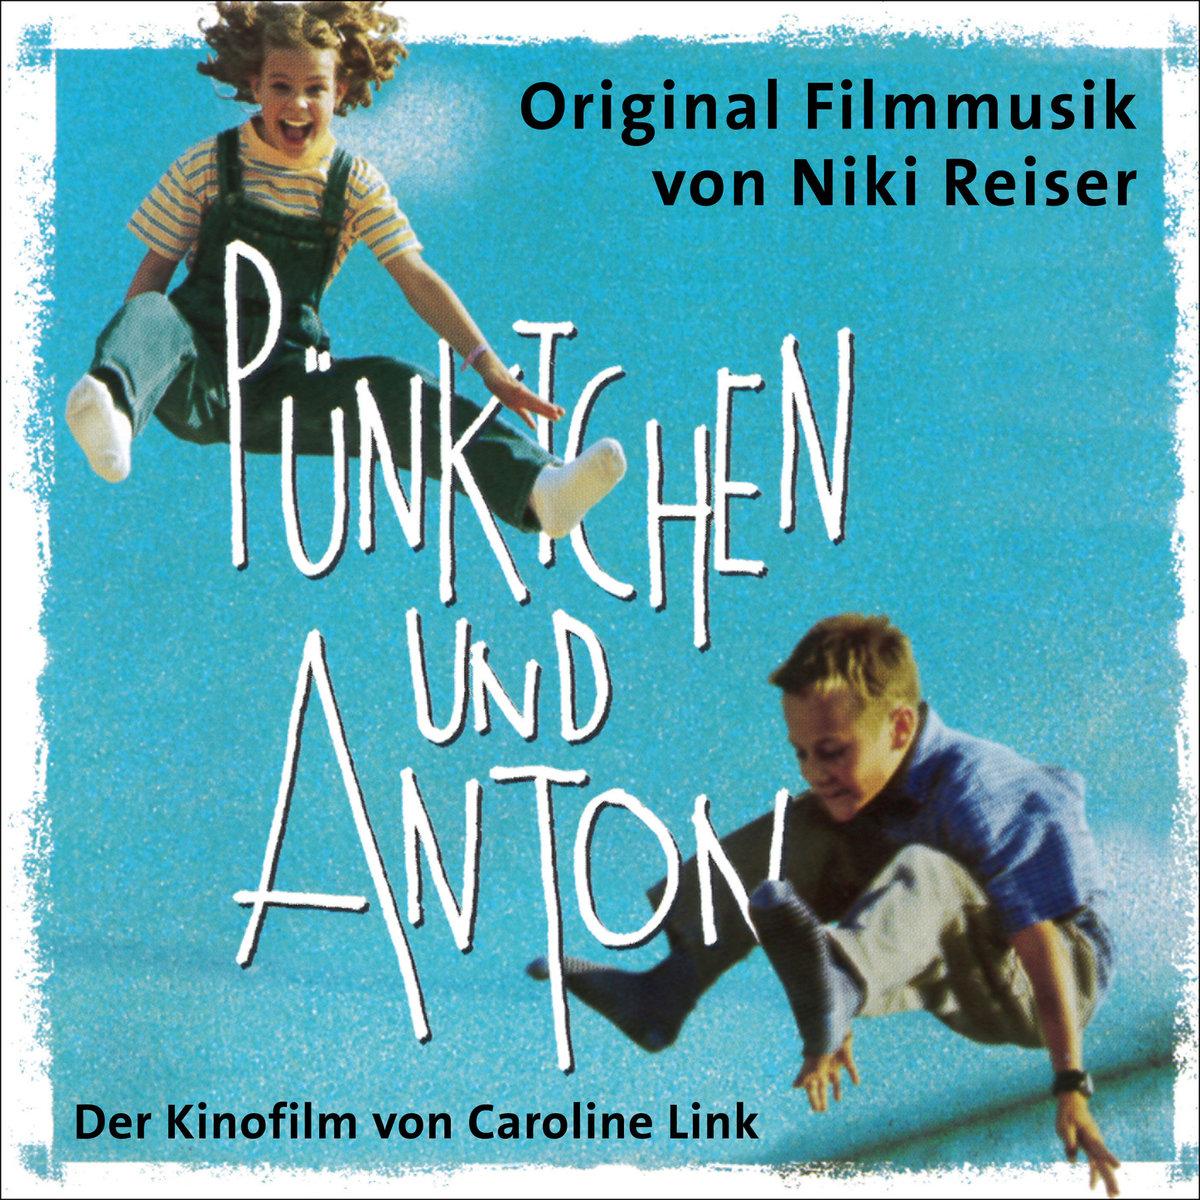 Anton Und P Nktchen кнопка и антон саундтрек к фильму pünktchen und anton original motion picture soundtrack